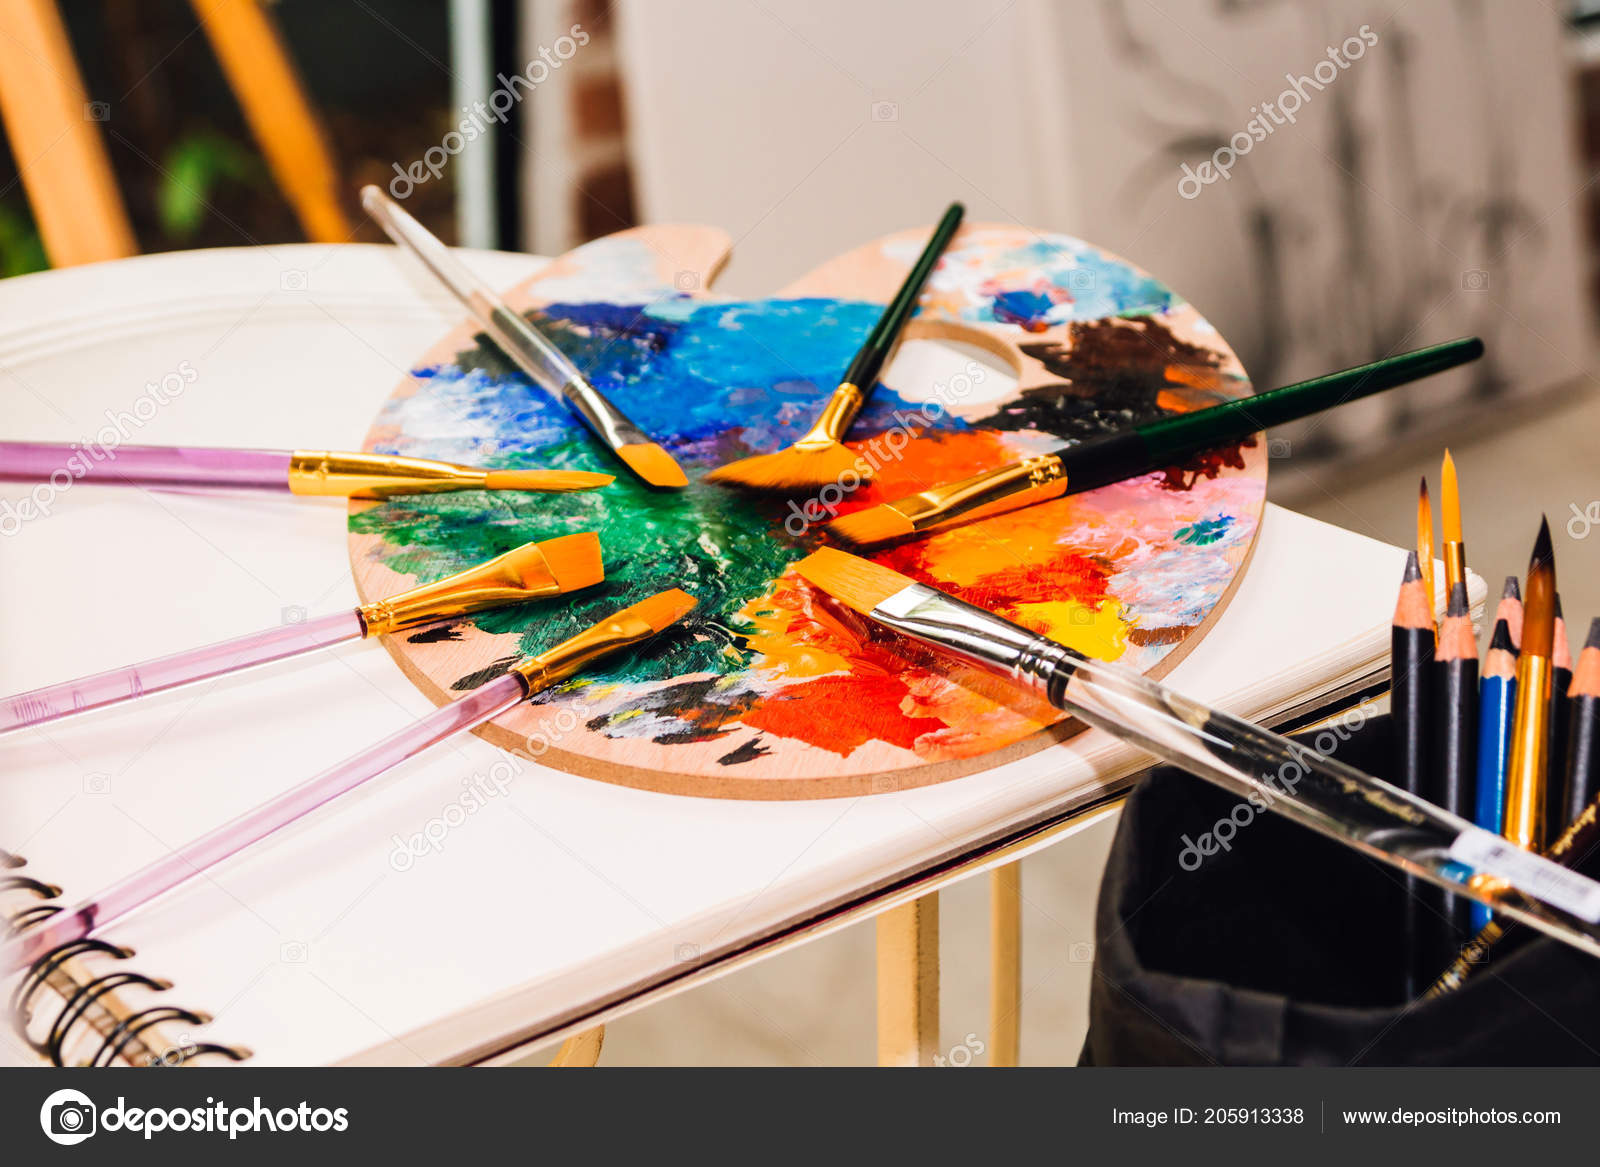 Valeur Pour Dessin Peinture Avec Les Peintures Palette